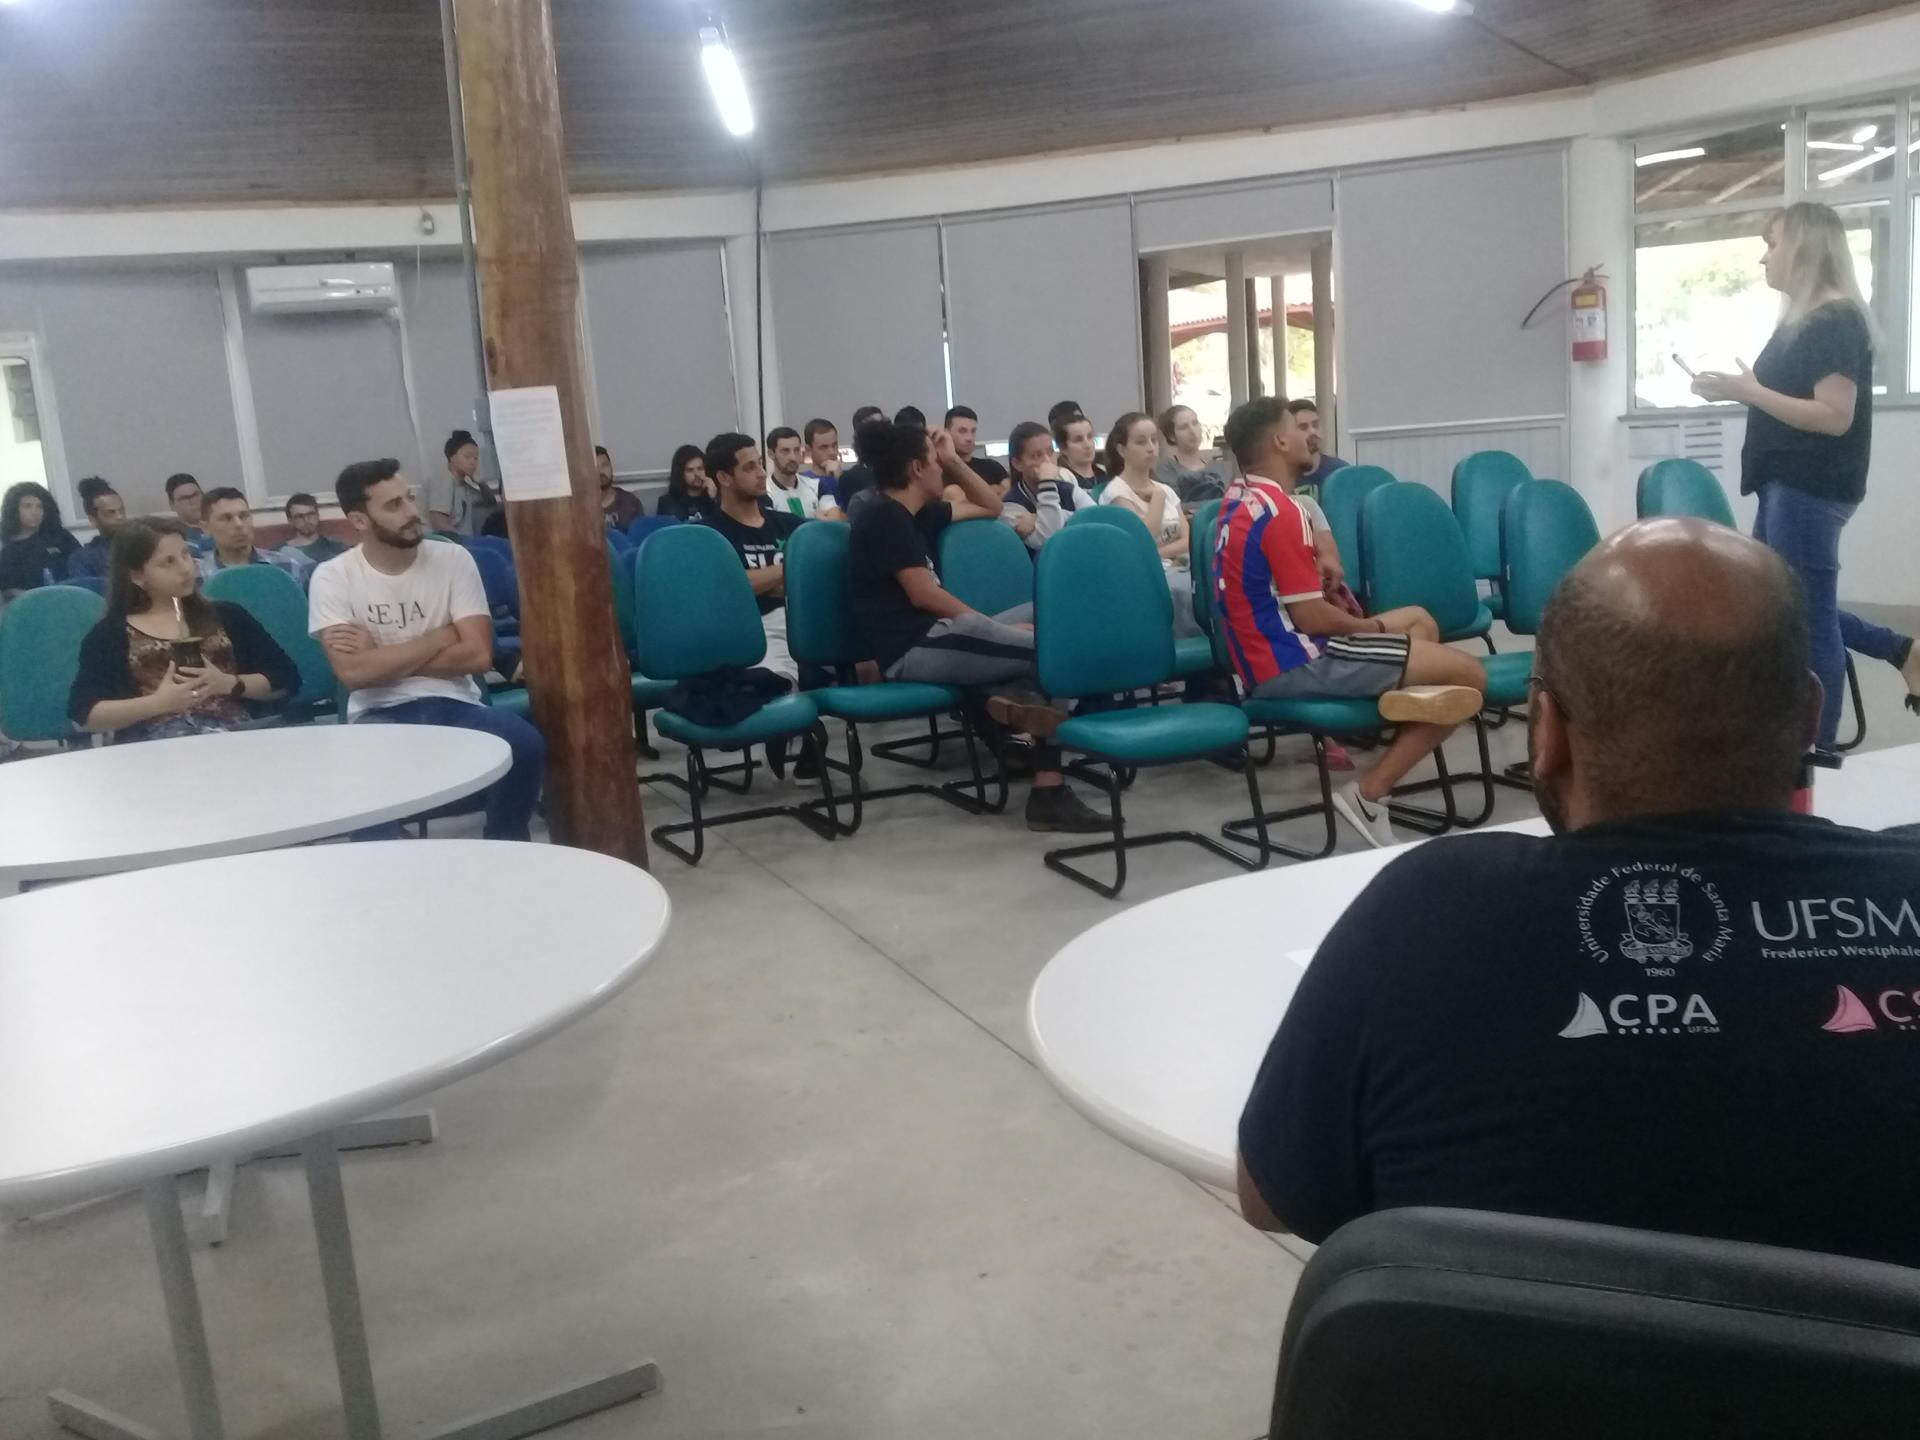 Foto da eleição no Centro de Convivência da UFSM-FW, com os moradores da CEU IV